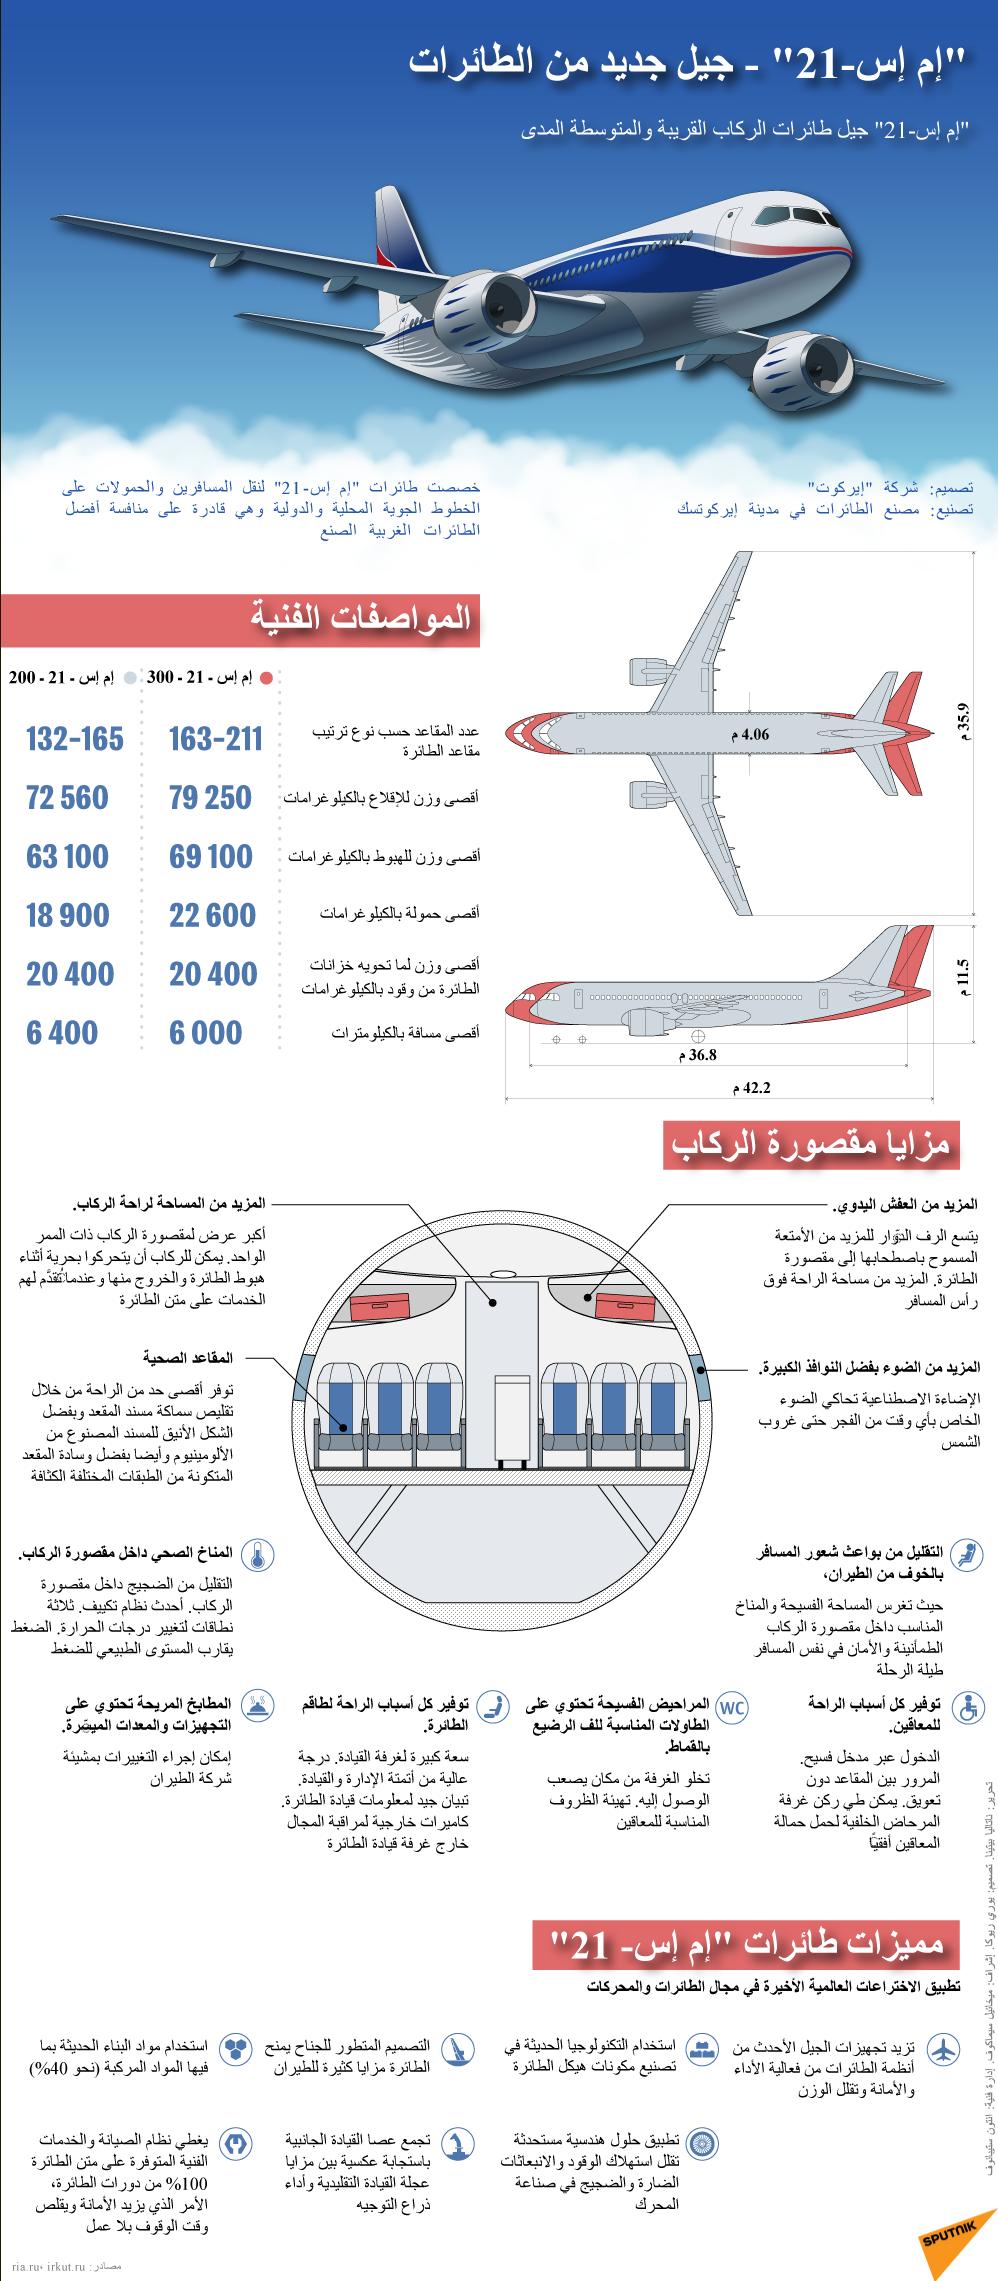 إم إس-21 جيل جديد من الطائرات